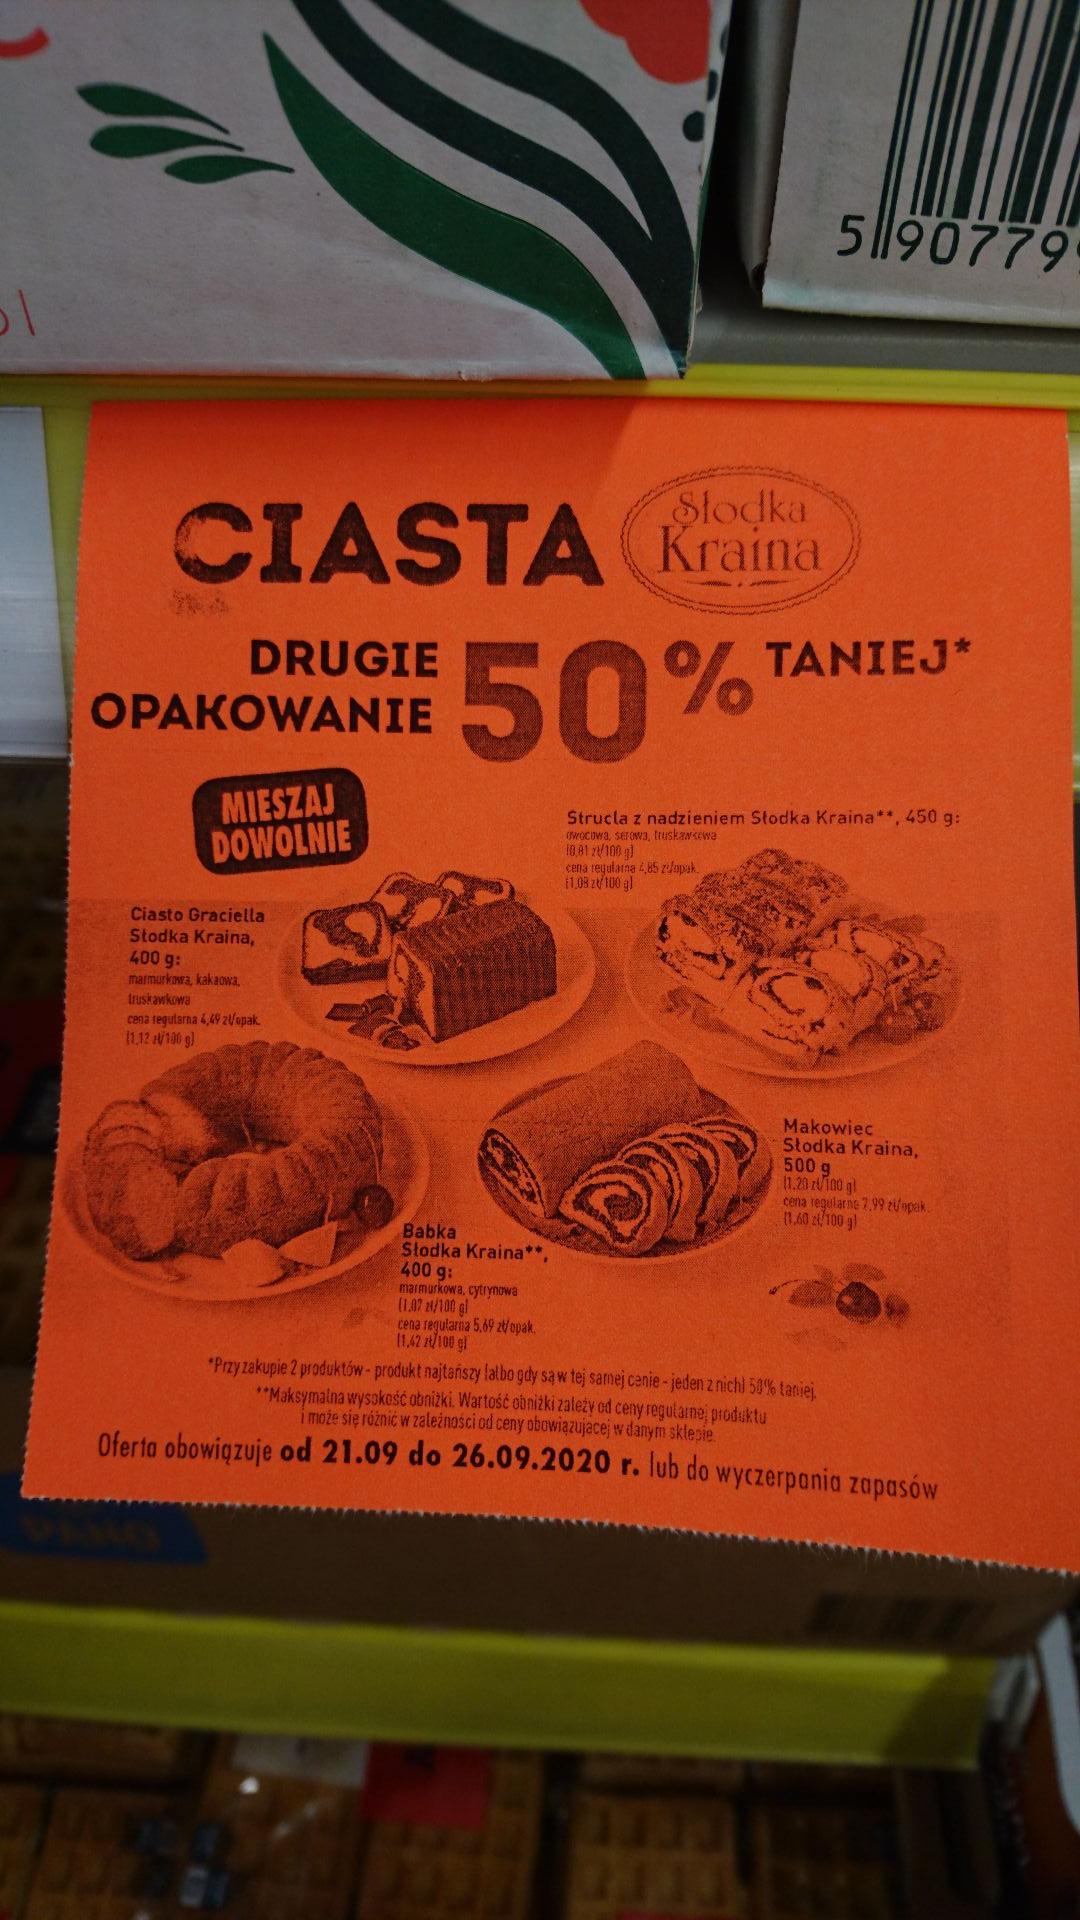 Ciasta Słodka Kraina drugie opakowanie 50% taniej